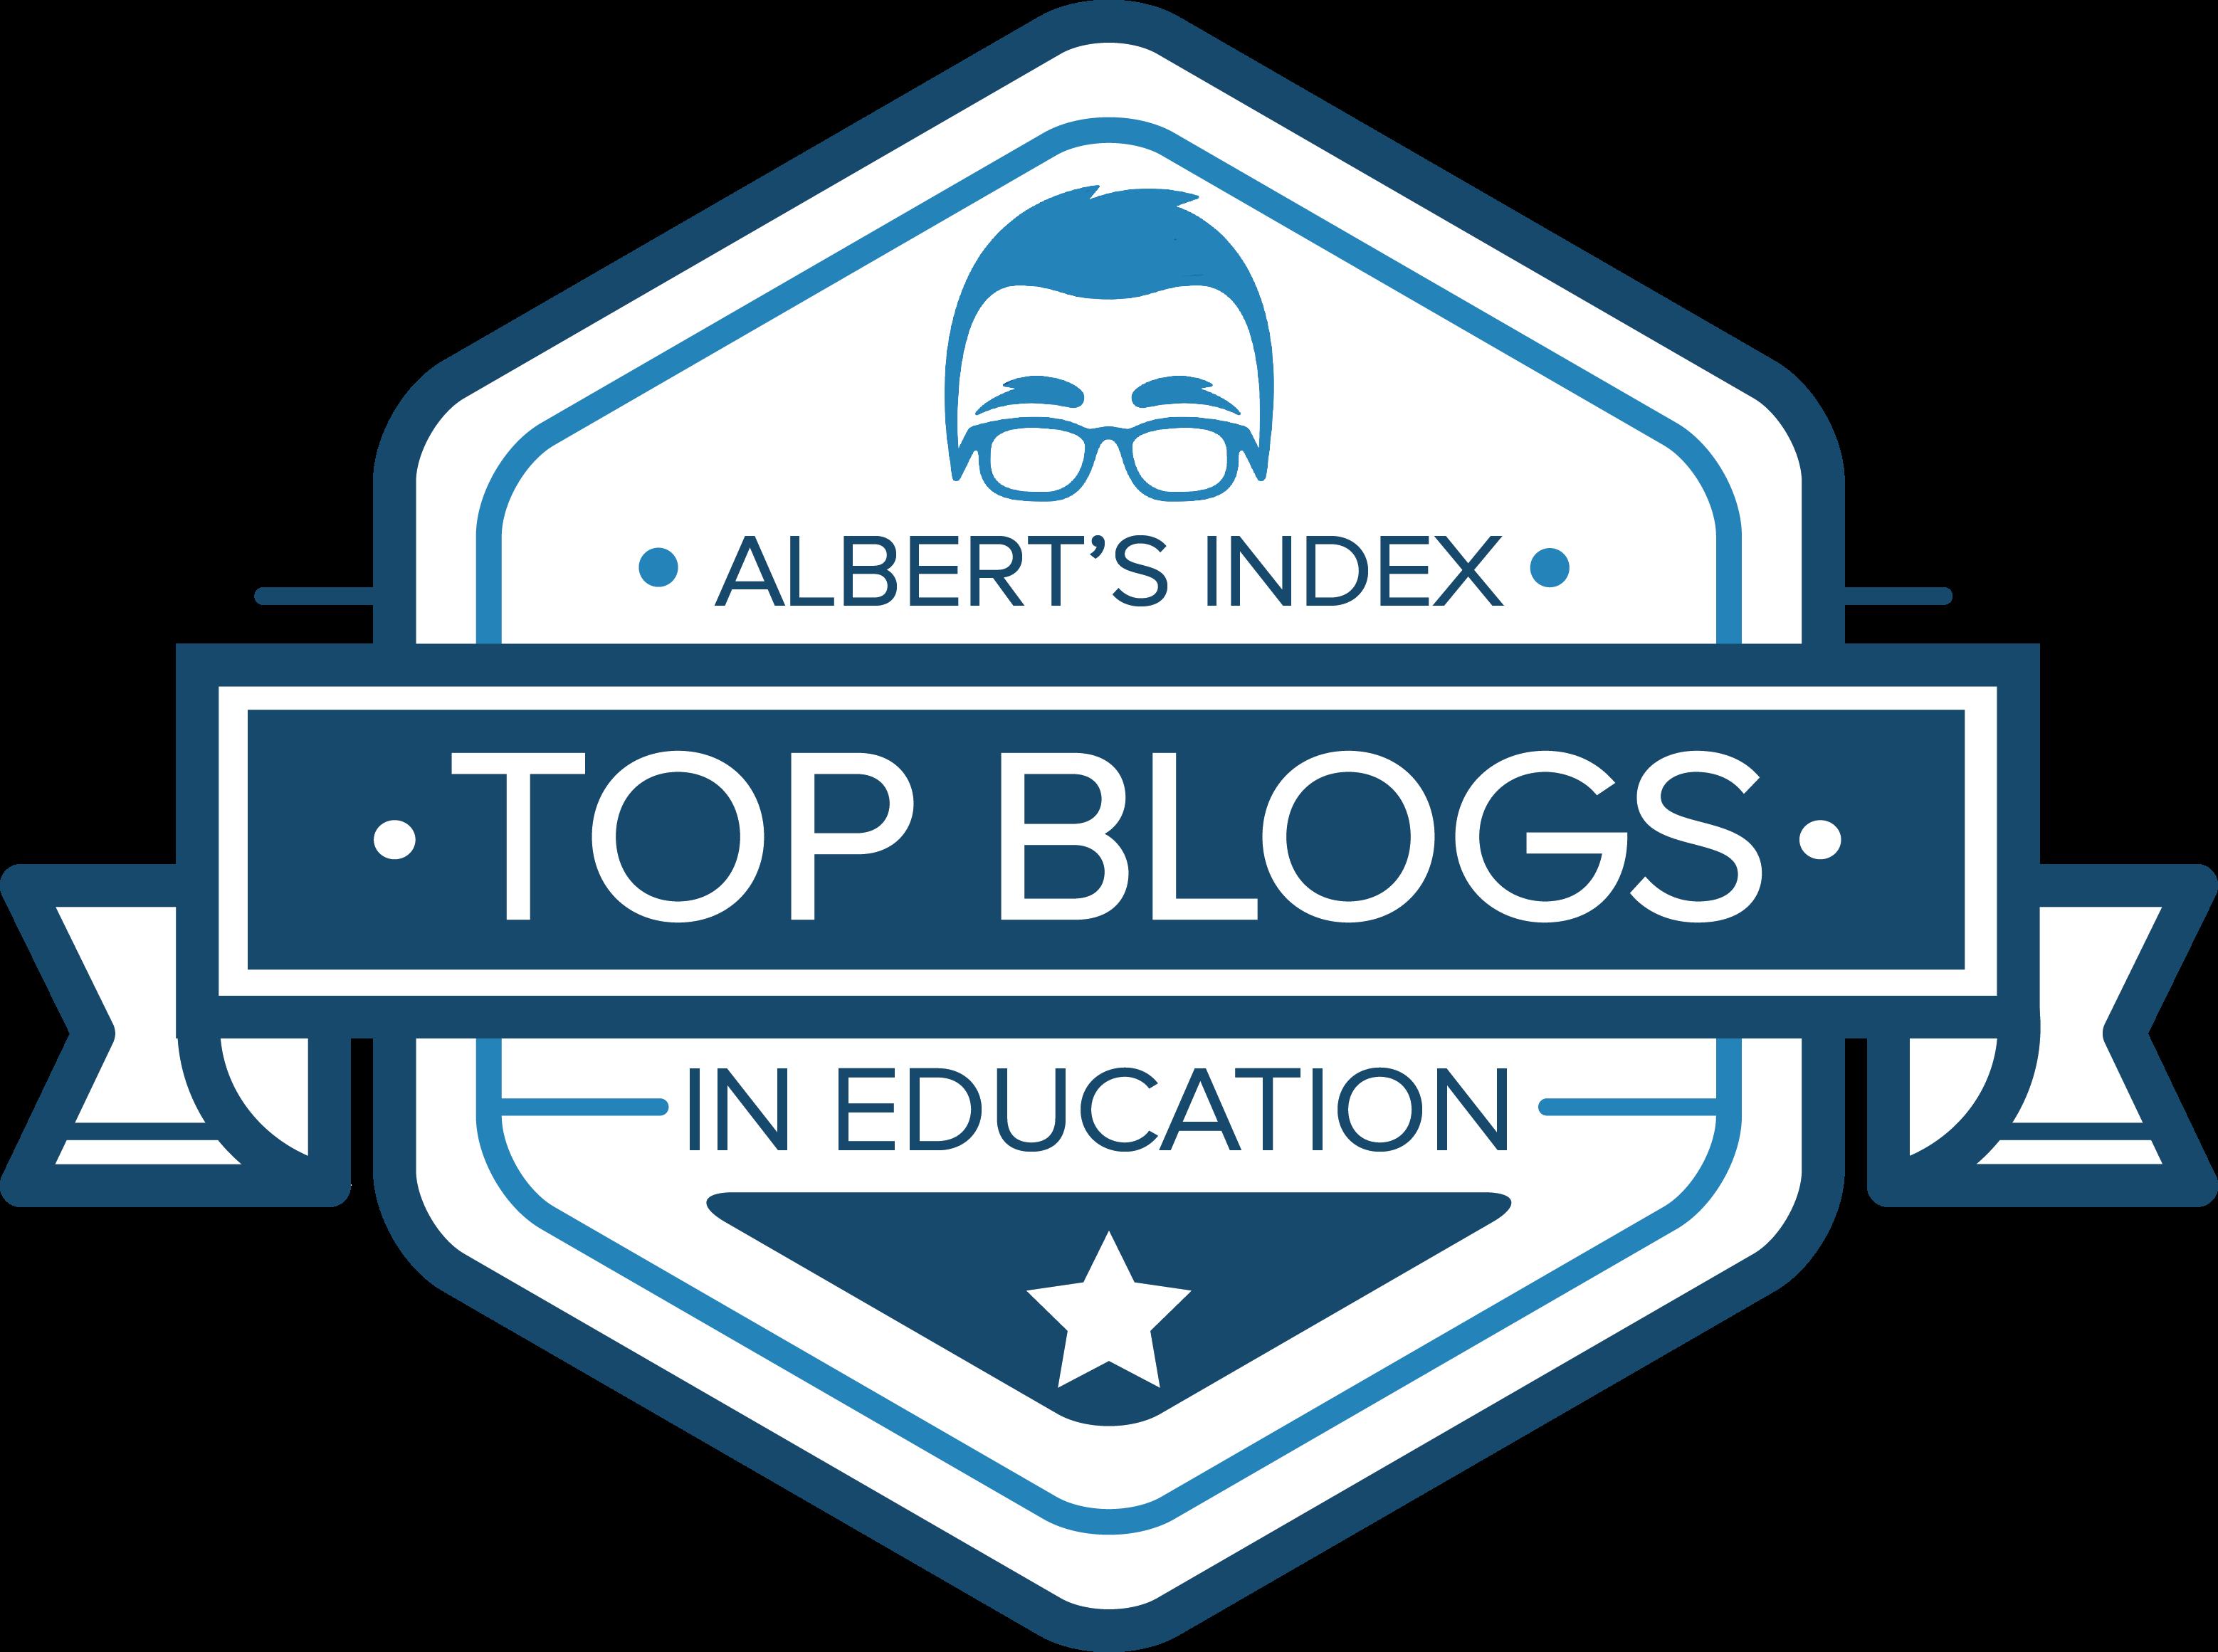 https://www.albert.io/blog/wp-content/uploads/2017/06/Top-Blog-Badge.png